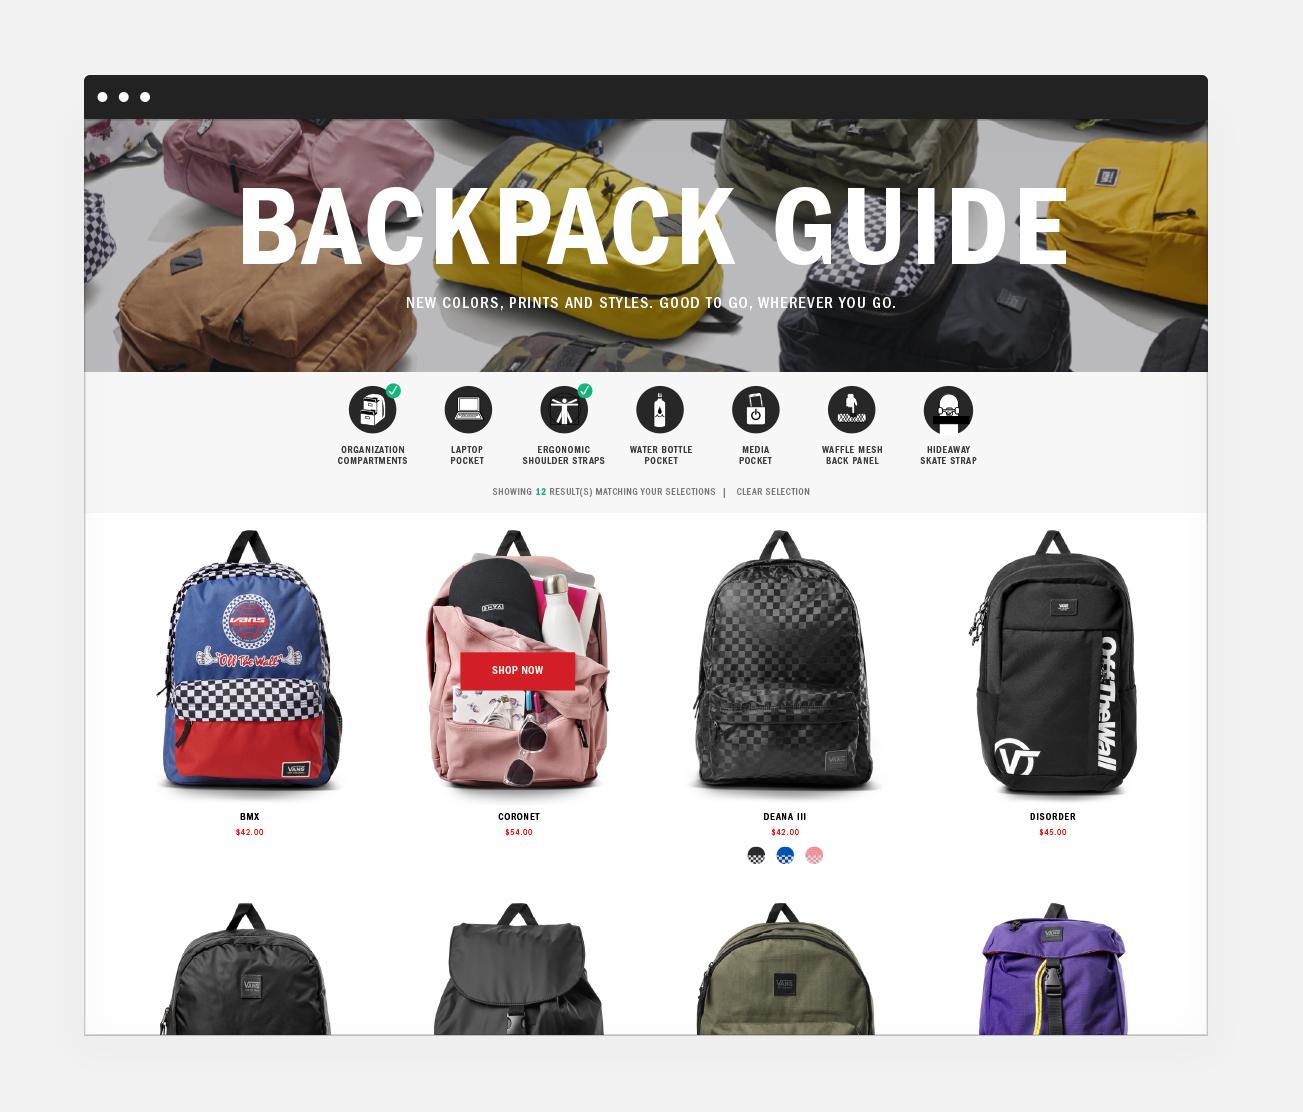 backpack+guide+vans+design1